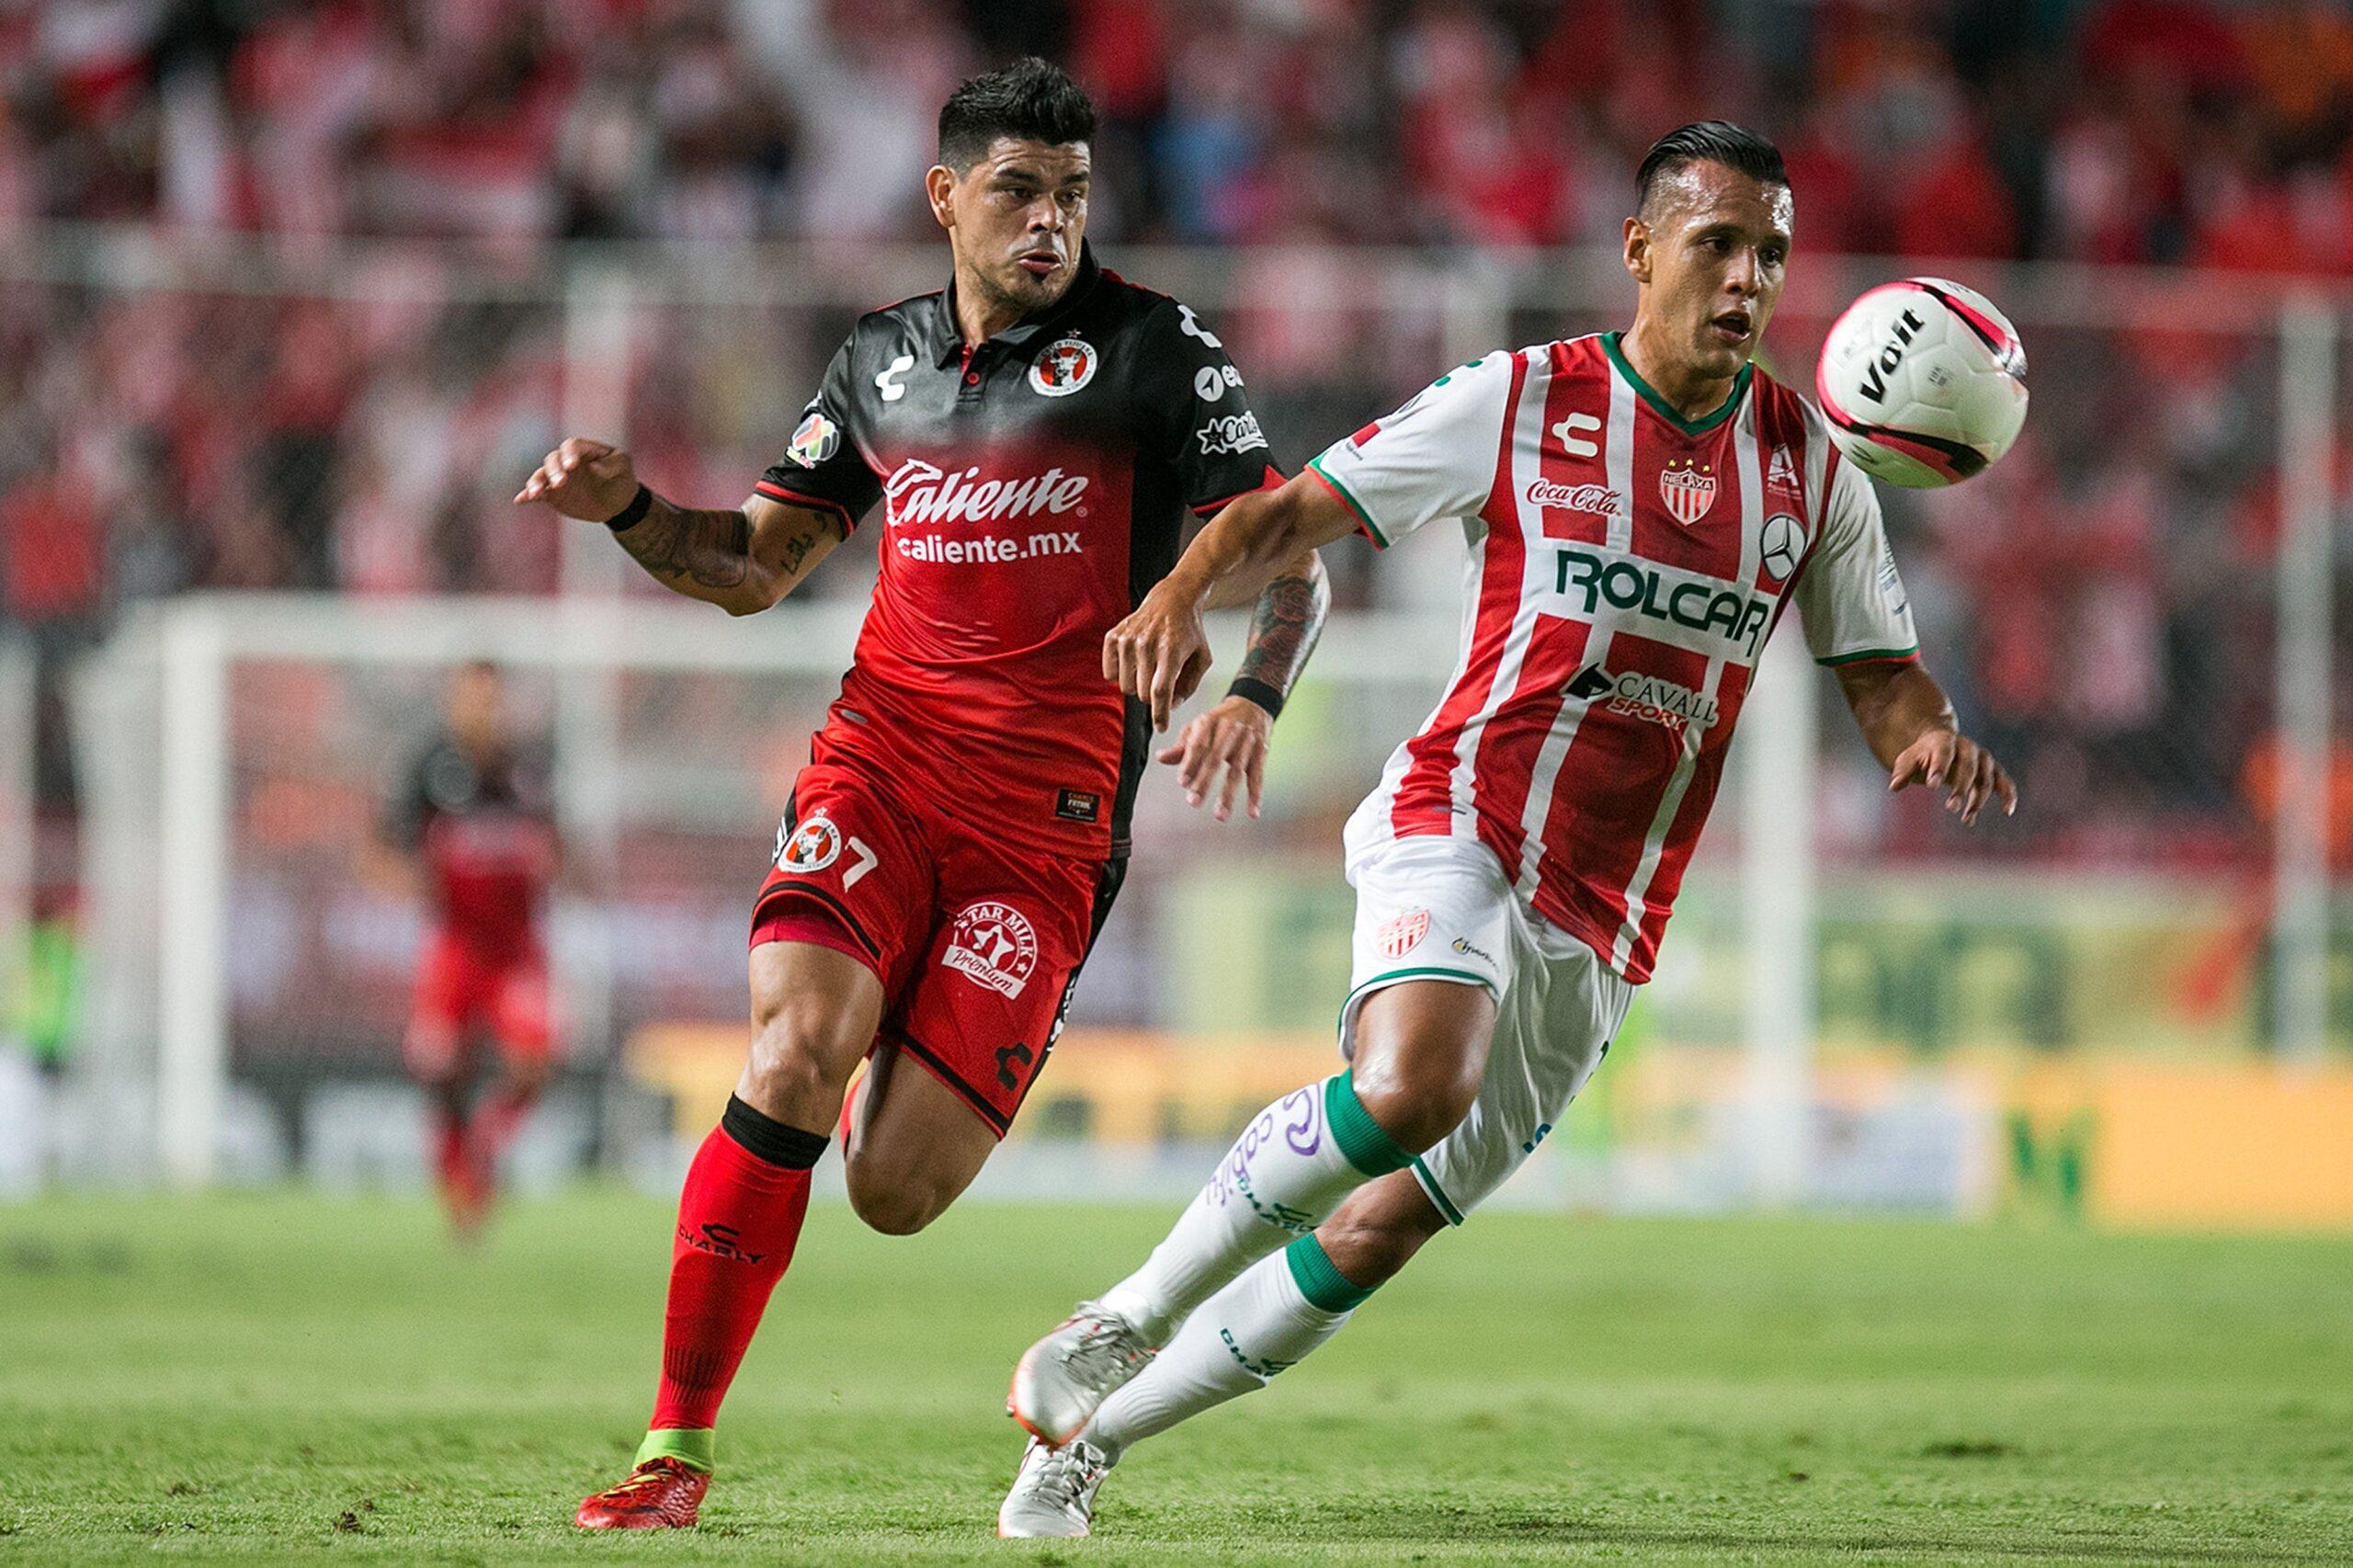 Liga MX: Horario y dónde ver en vivo Necaxa vs Xolos en la Jornada 8 Clausura 2019